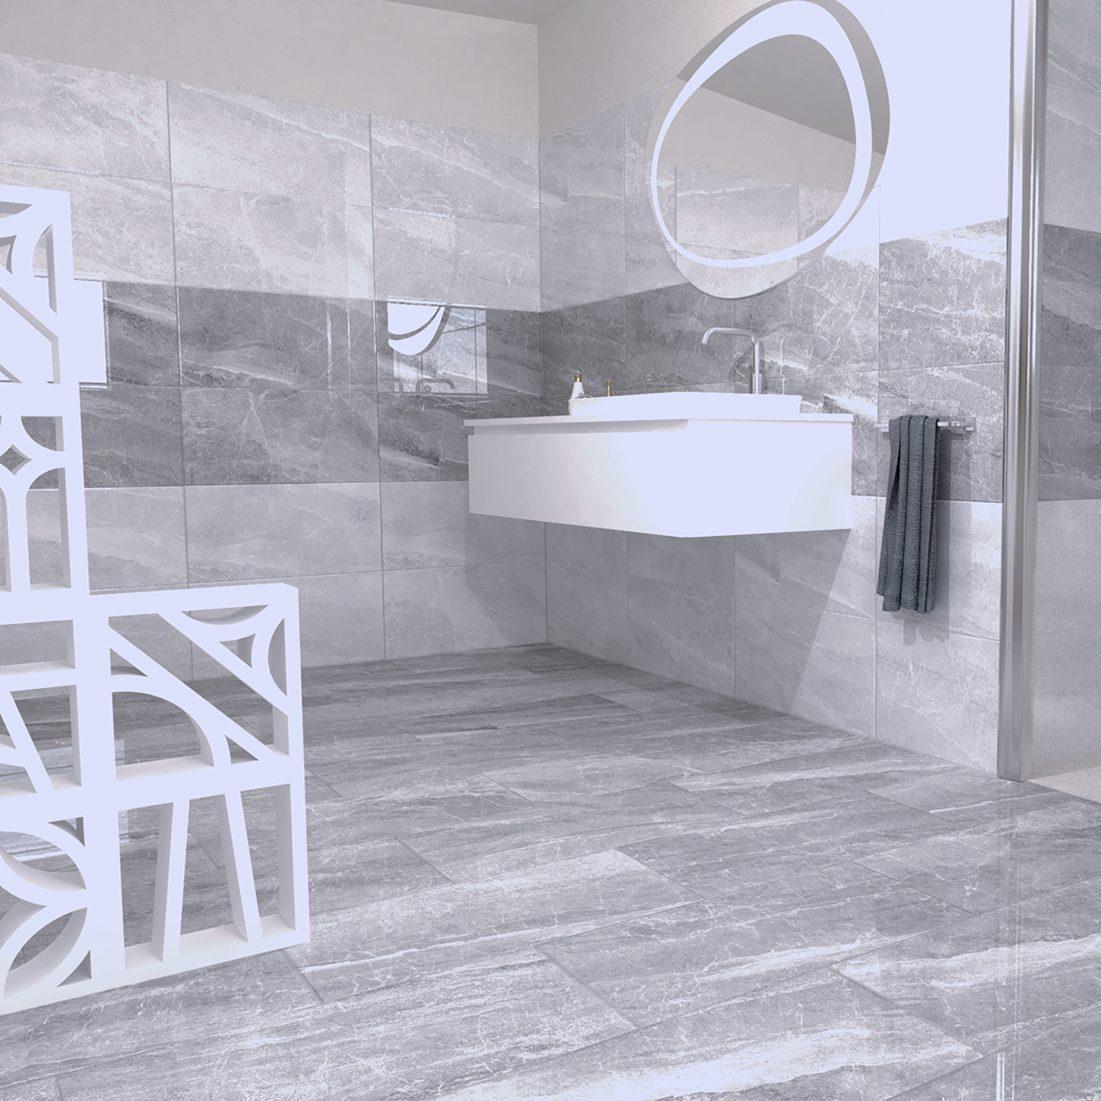 Cashmere Ambientazione Bagno Gres porcellanato effetto Marmo